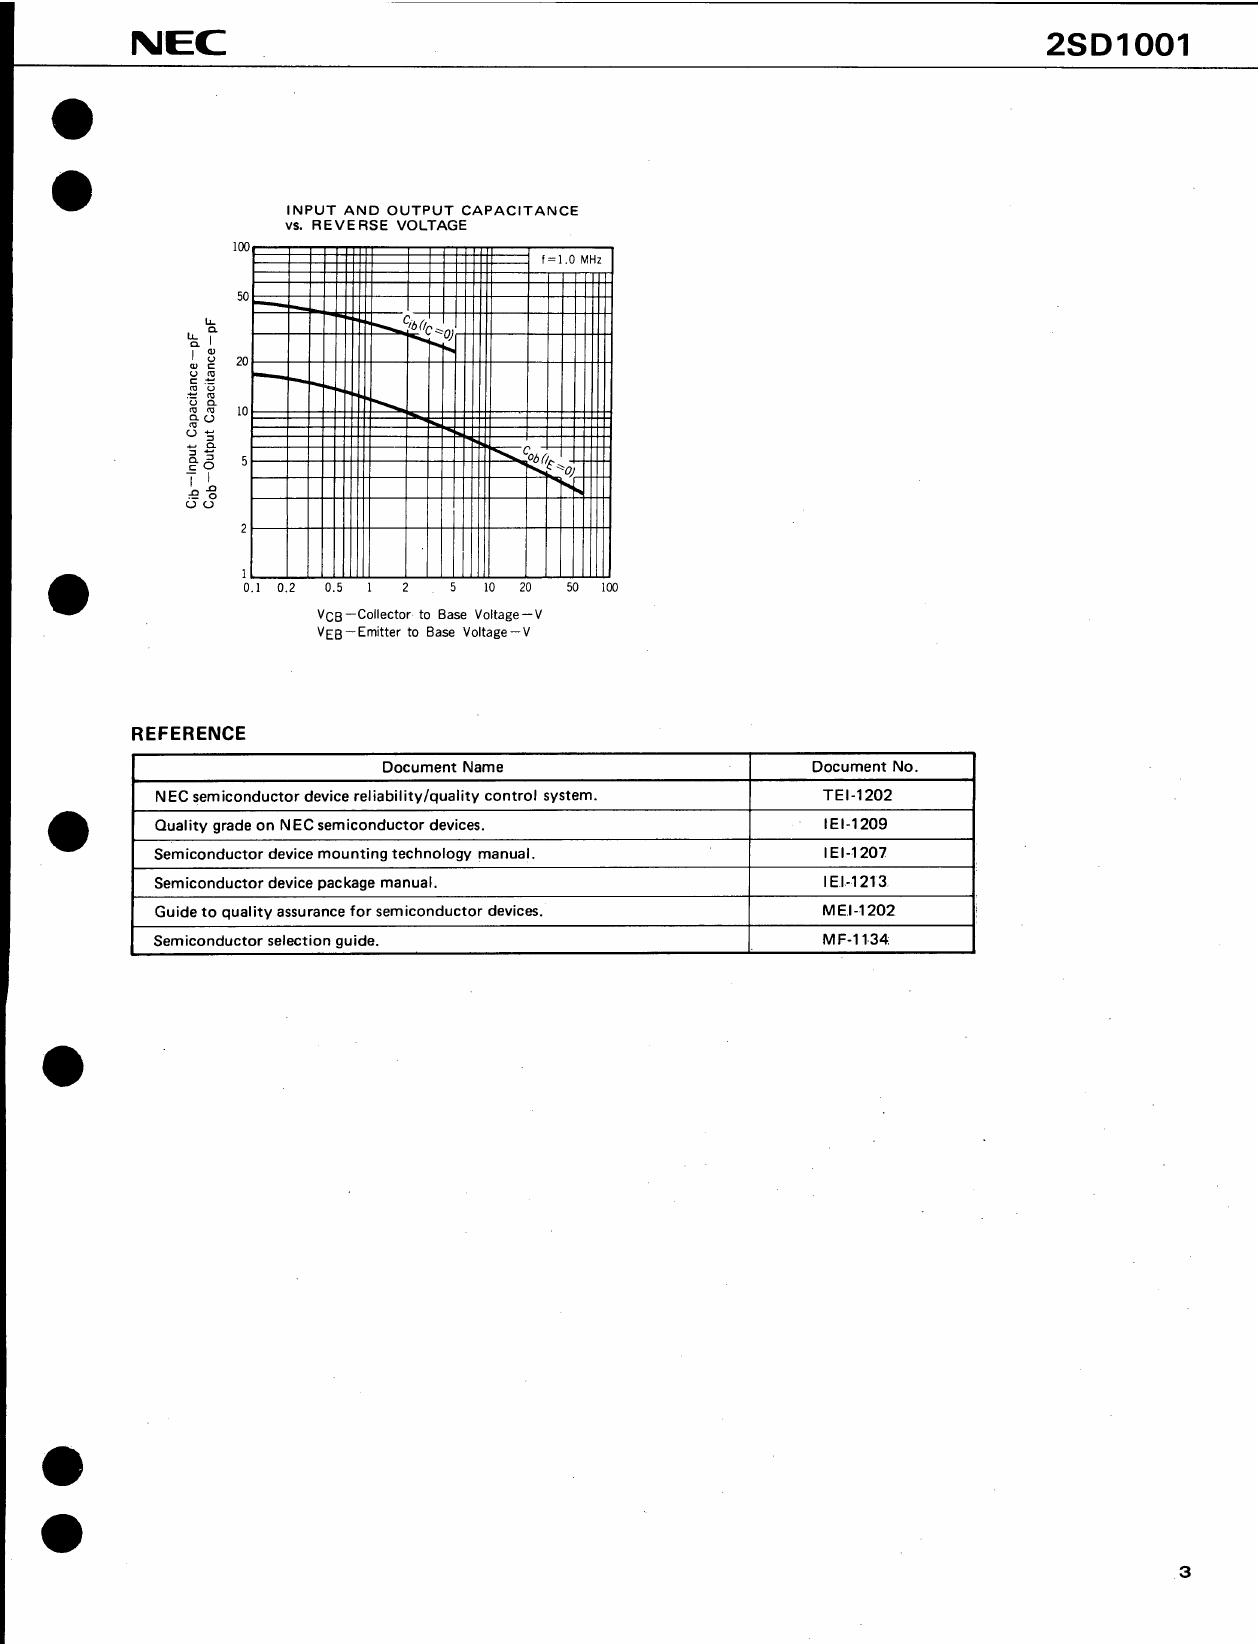 D1001 pdf, 電子部品, 半導体, ピン配列